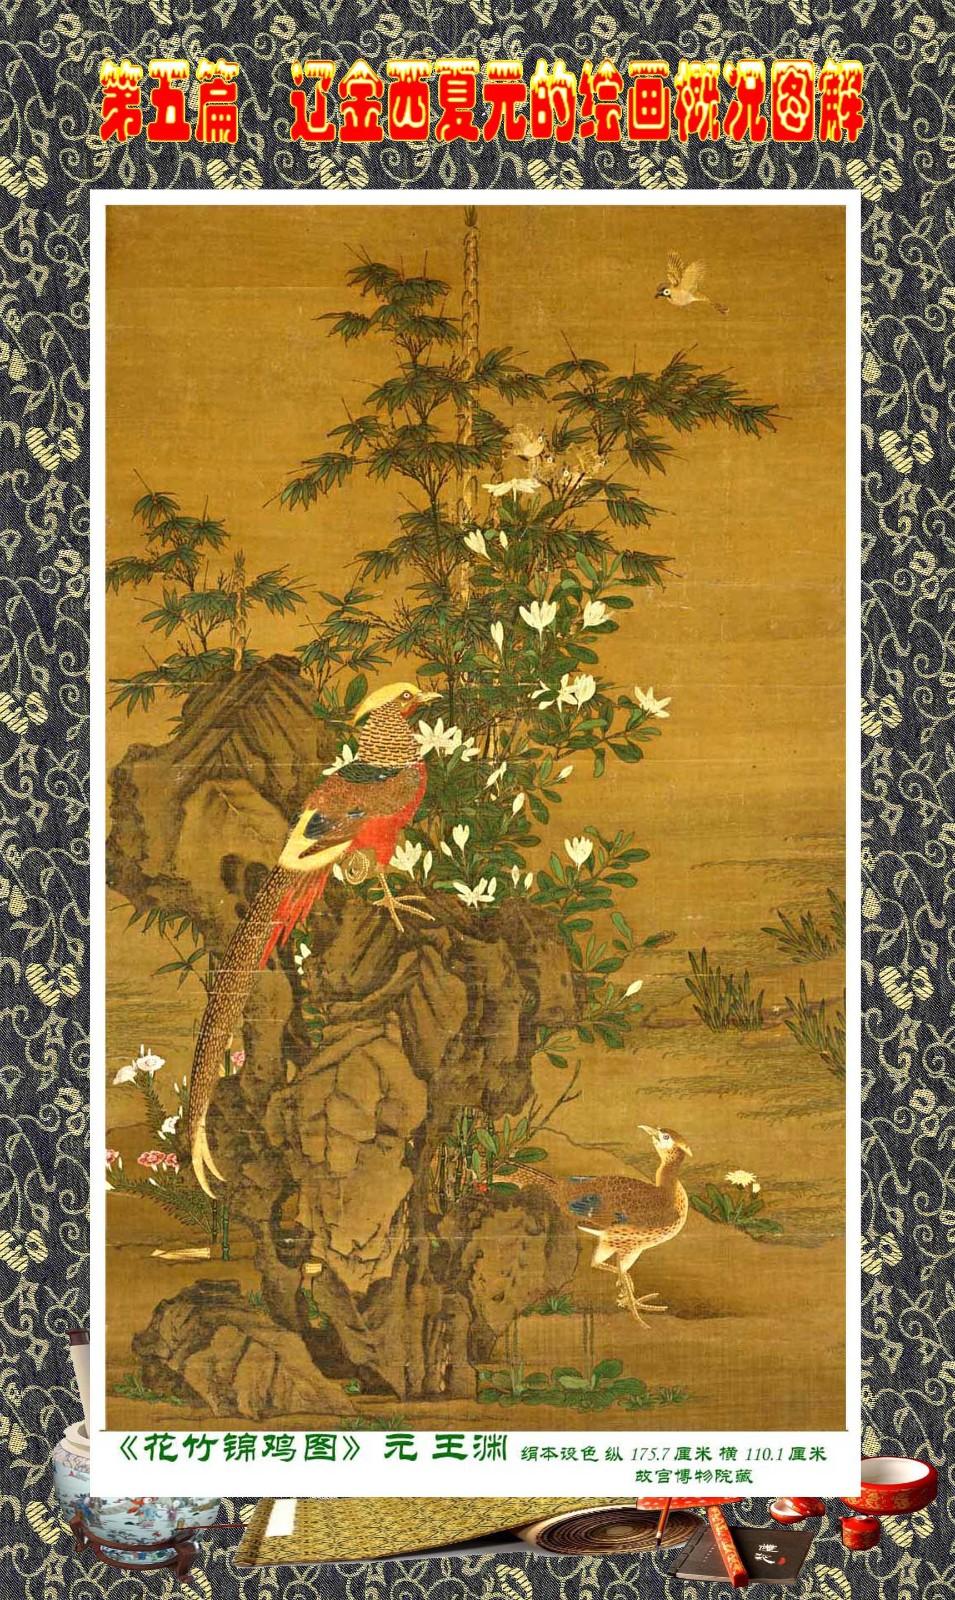 顾绍骅编辑 中国画知识普及版 第五篇 辽金西夏元的绘画概况 下 ... ..._图1-62